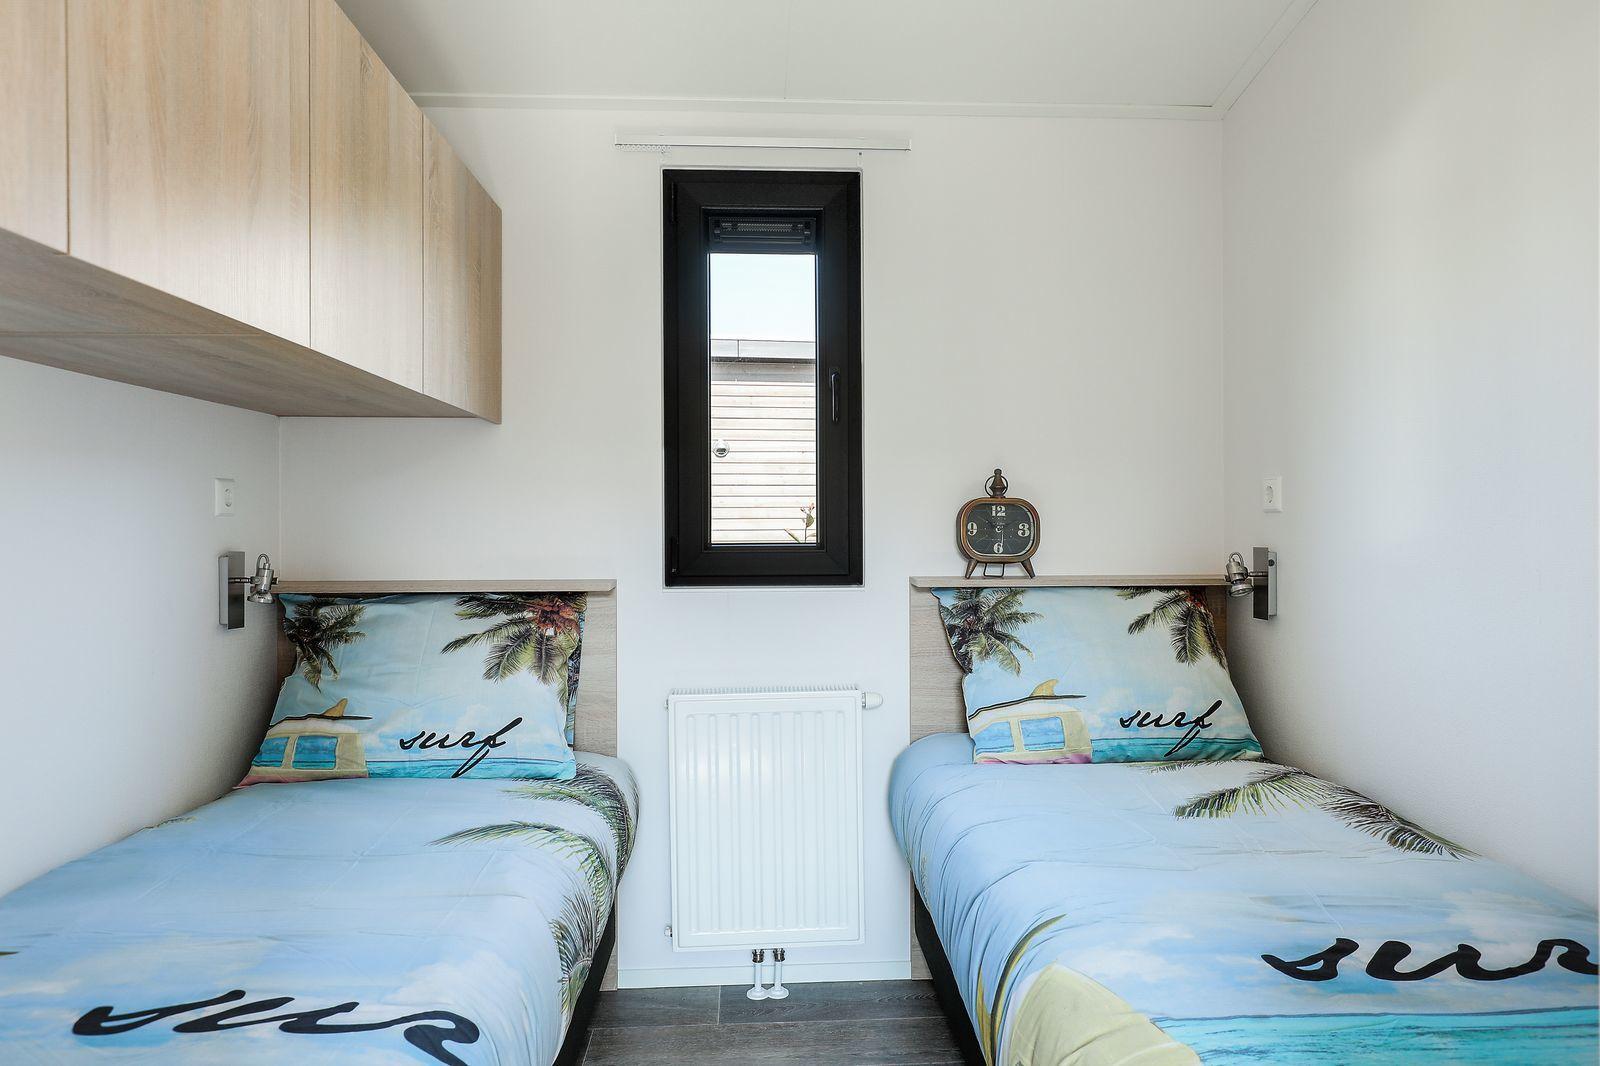 Lodge: 6-persoons, 3 slaapkamers